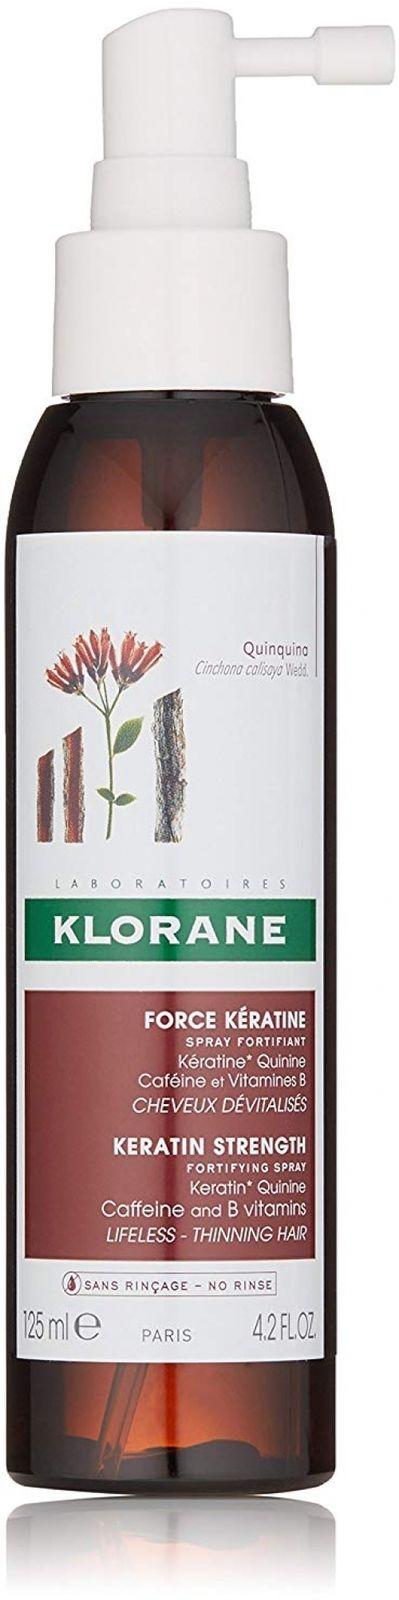 Концентрат для волос Klorane Keratin Strength Anti Hair